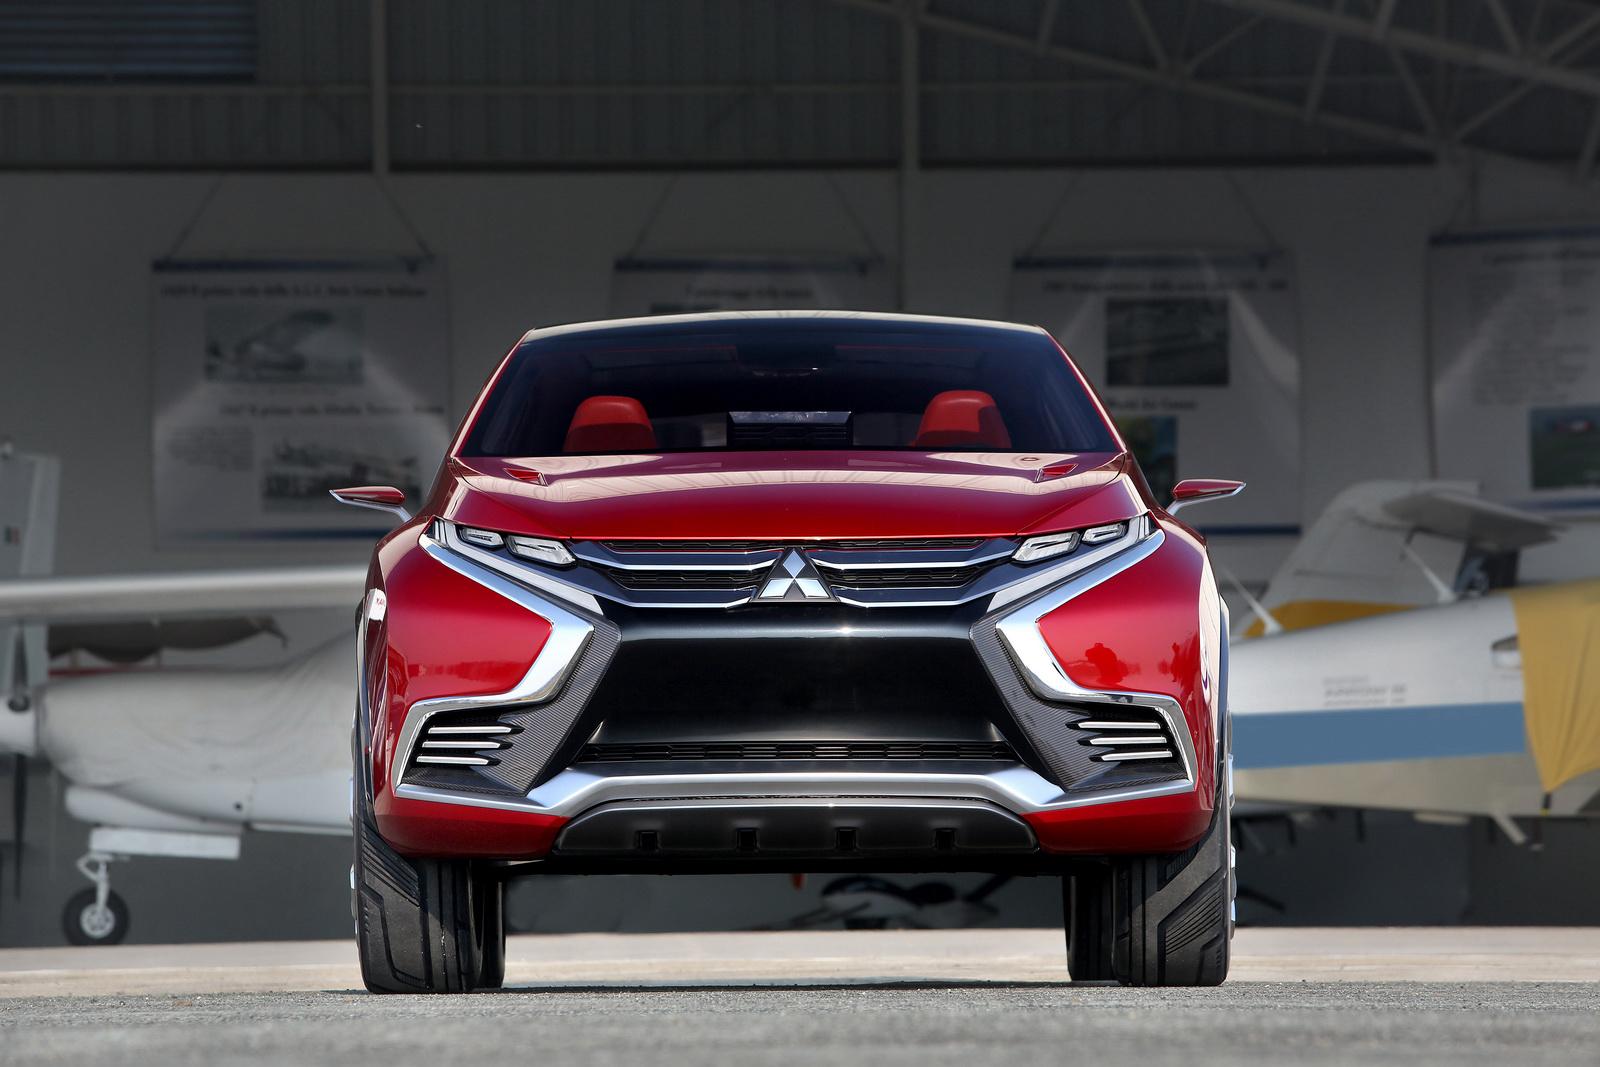 Σοκ για τη Mitsubishi: Σκάνδαλο με άρωμα… Volkswagen